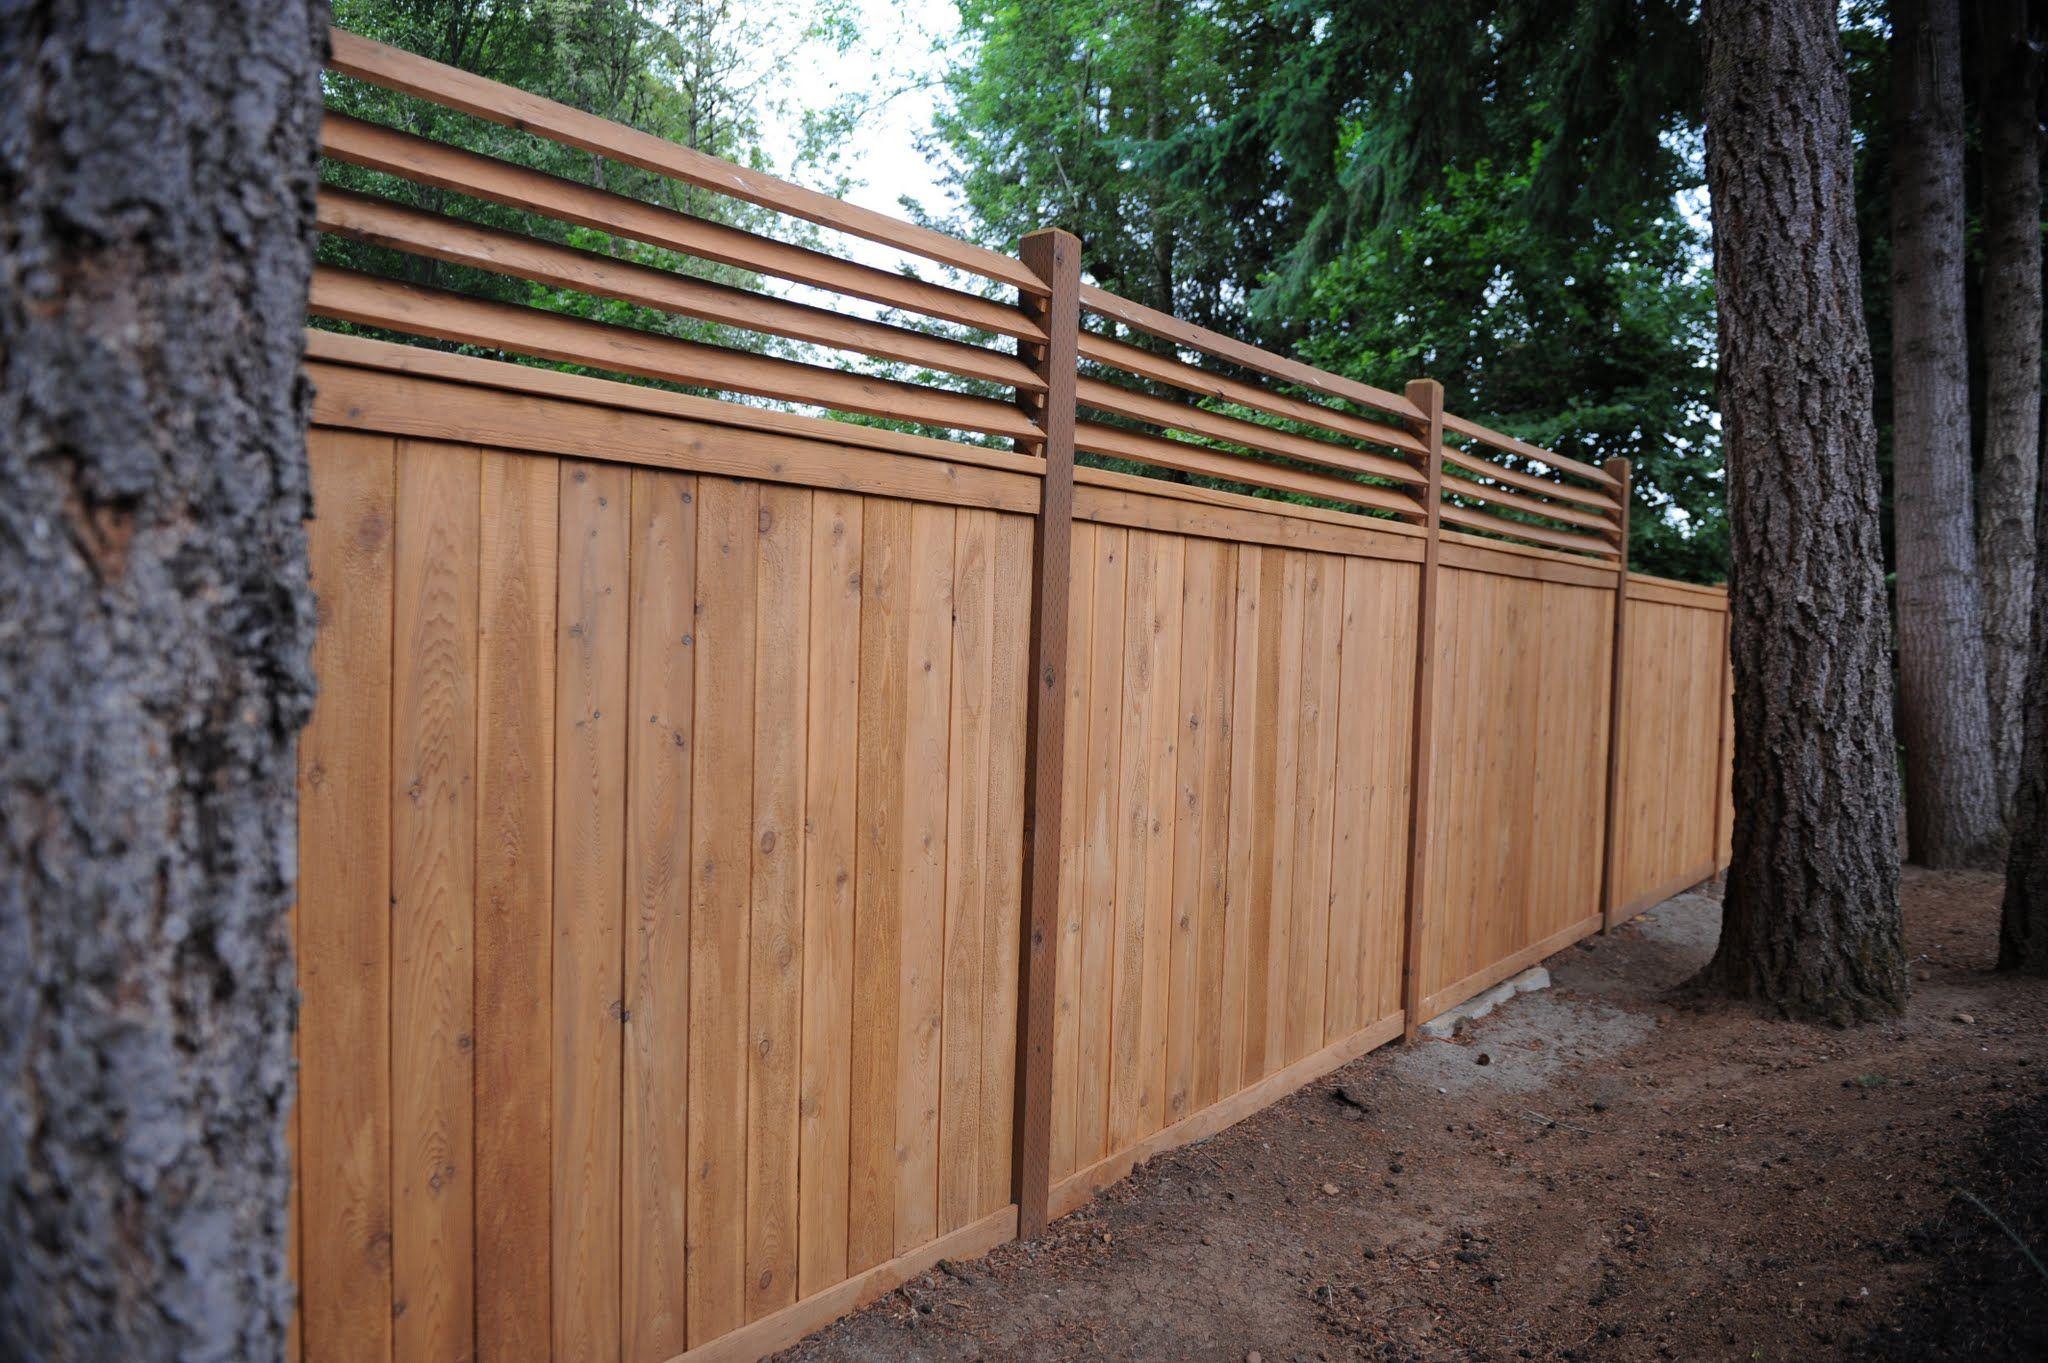 Cedar Wood Fences Oregon Washington Rick S Custom Fencing Decking Cedar Fence Backyard Fences Cedar Wood Fence